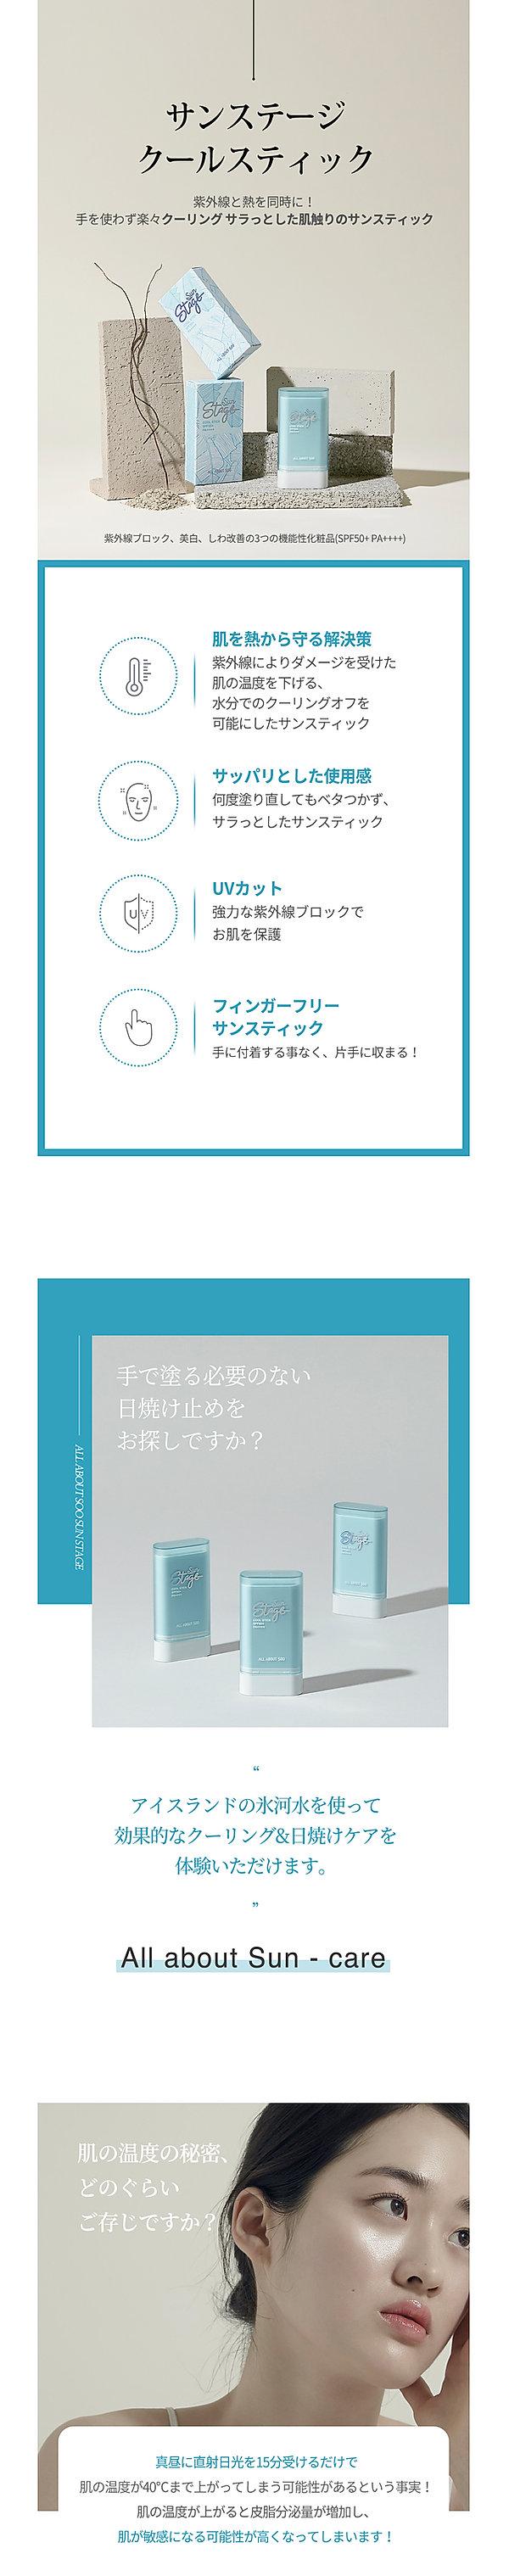 선스틱-상세페이지jp_01.jpg